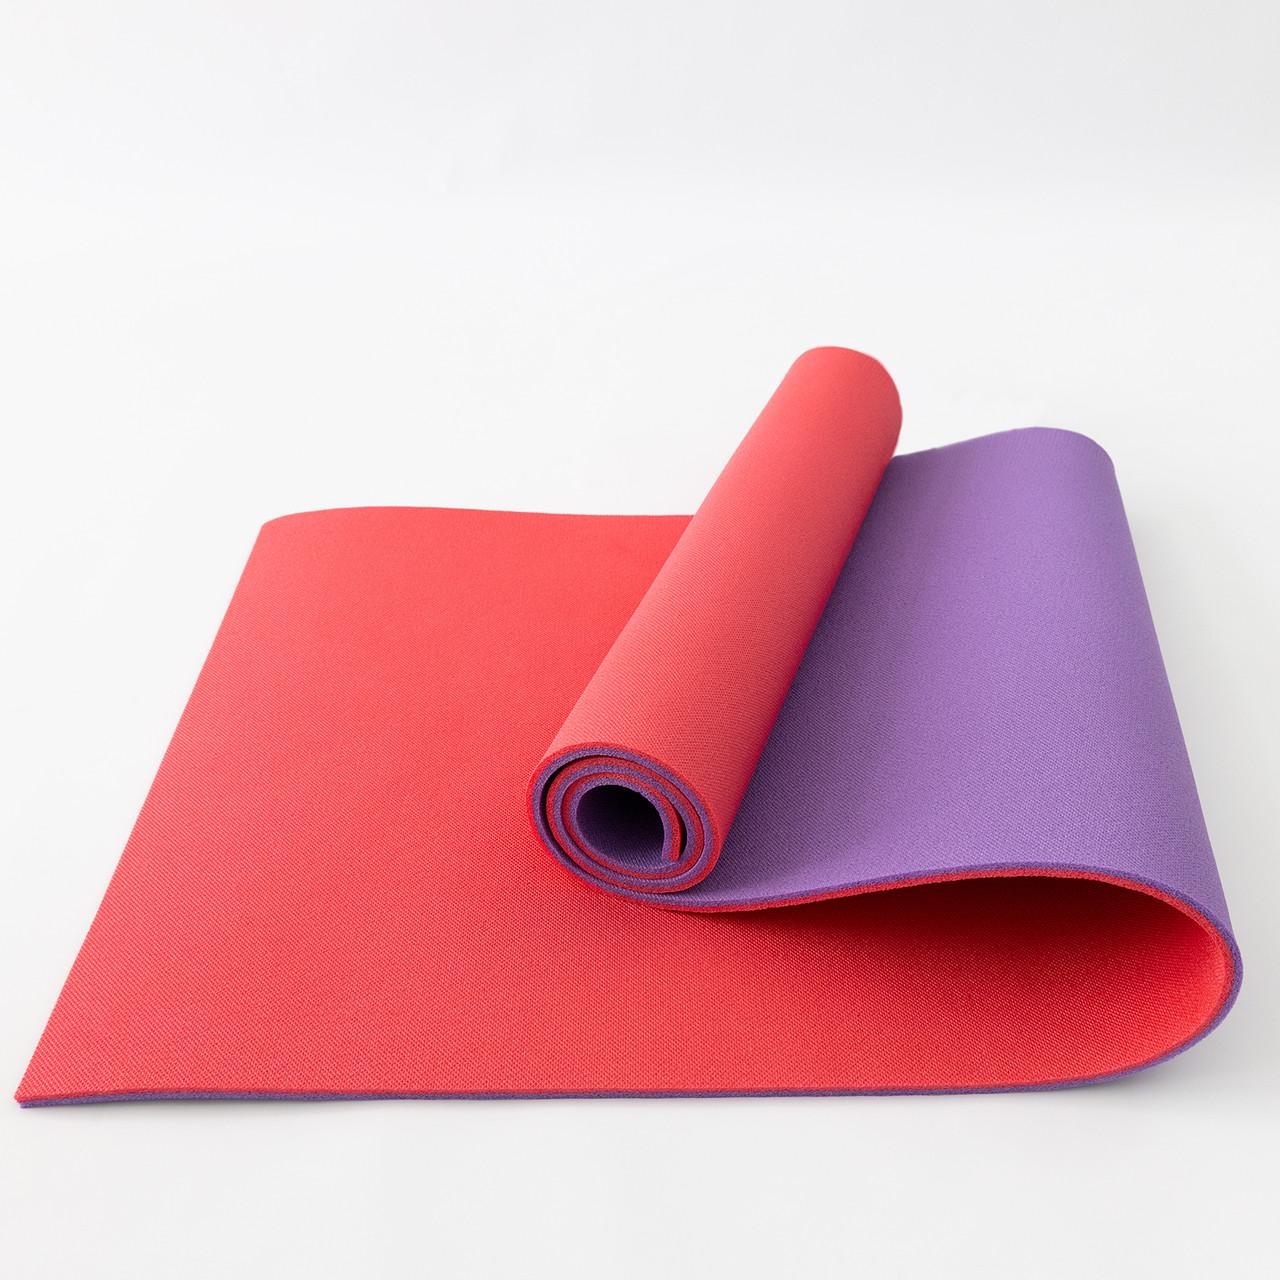 Коврик для йоги, фитнеса и спорта (каремат спортивный) OSPORT Спорт 8мм (FI-0083) Фиолетово-красный